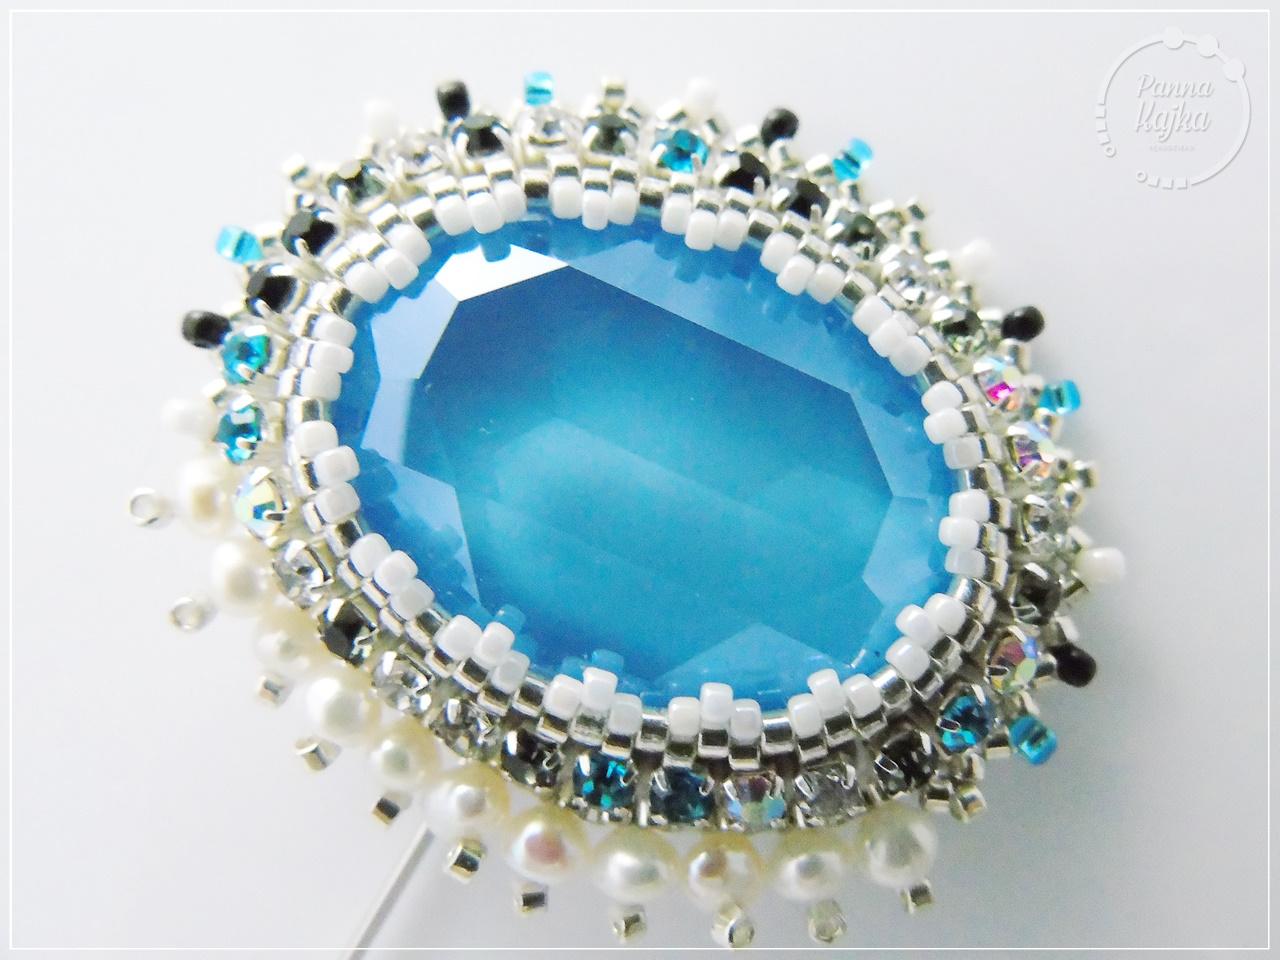 broszka, rękodzieło, handmade, biżuteria, jewellery, perły, perły seashell, taśma cyrkoniowa, swarovski, swarovski oval, miyuki delica, toho round, toho,